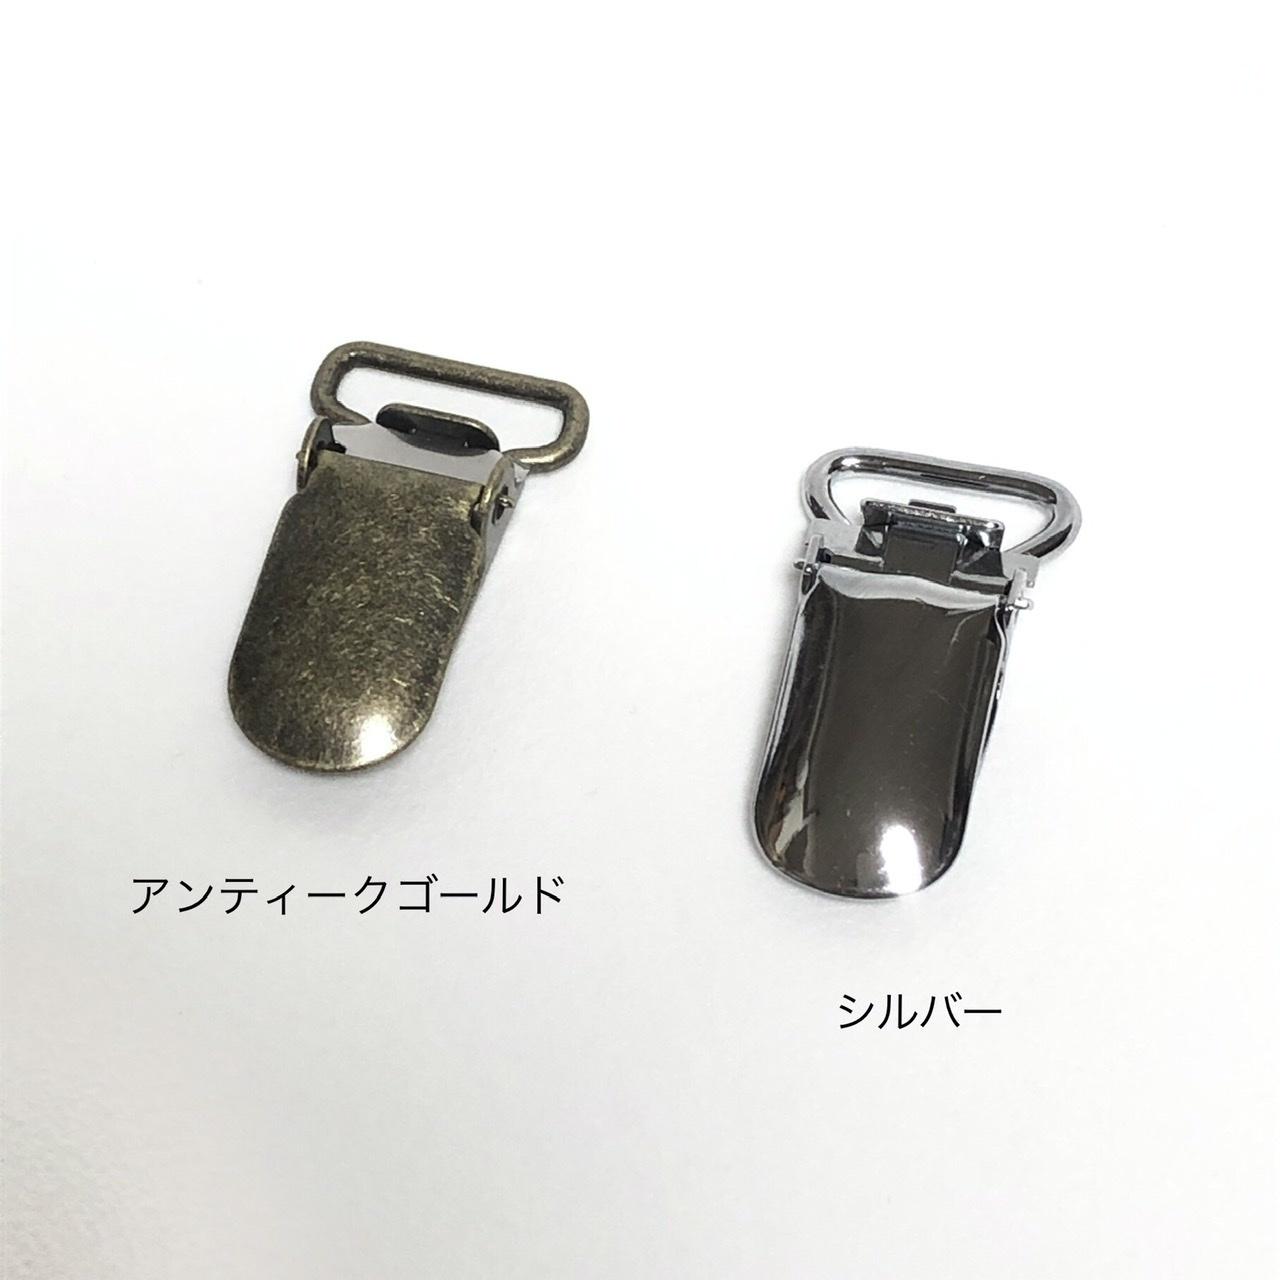 【SSF SELECT】クリップ